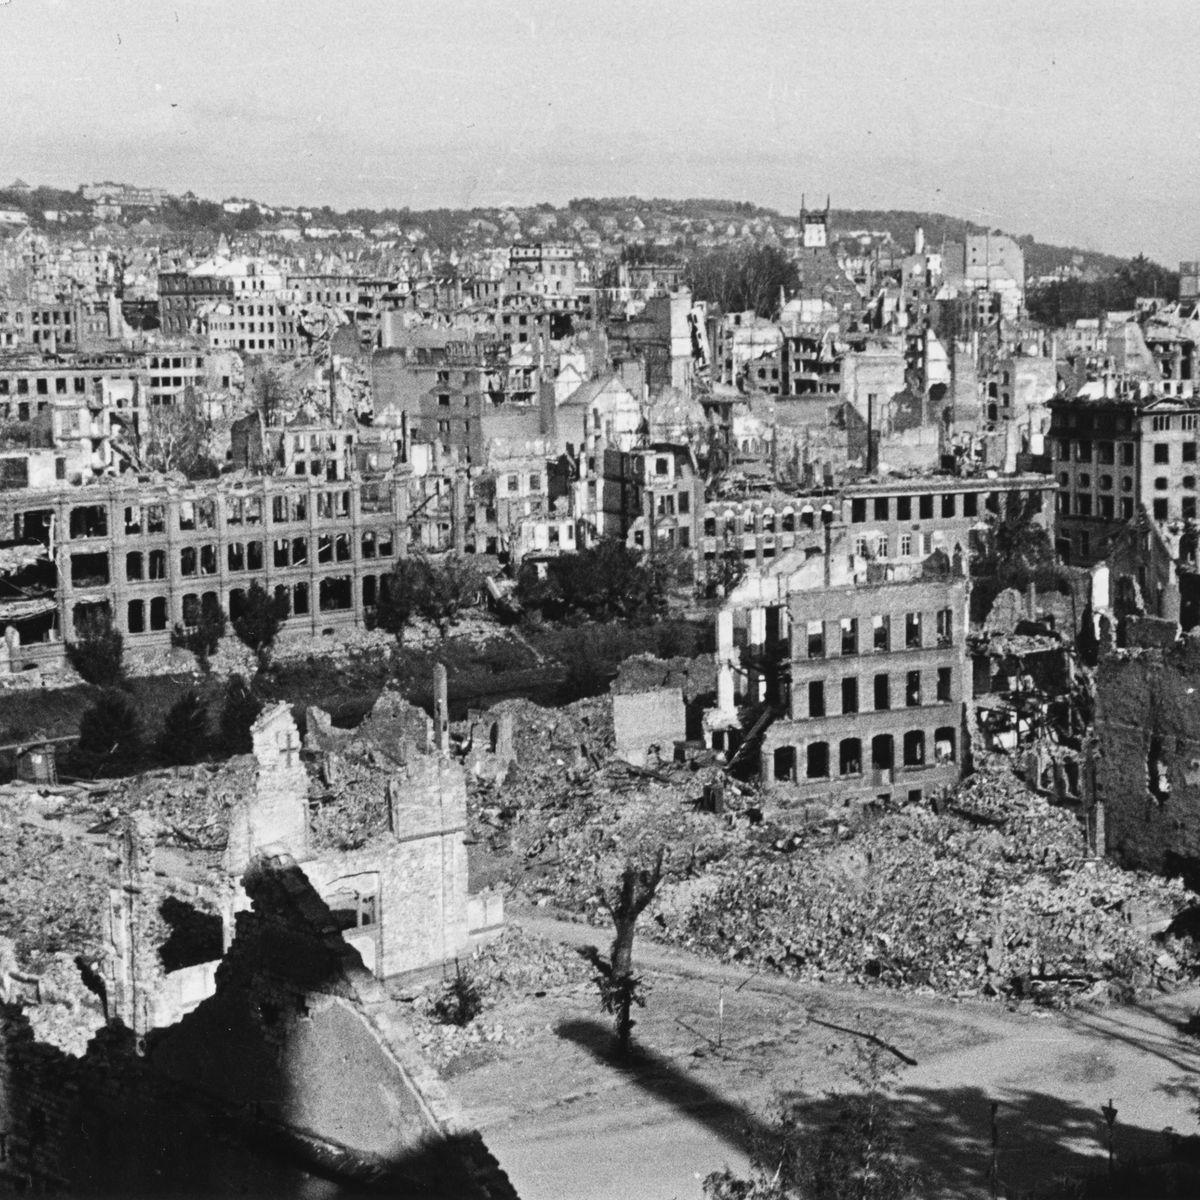 """Luftangriffe auf Pforzheim: """"Man kann die ganze Stadt abschreiben"""""""